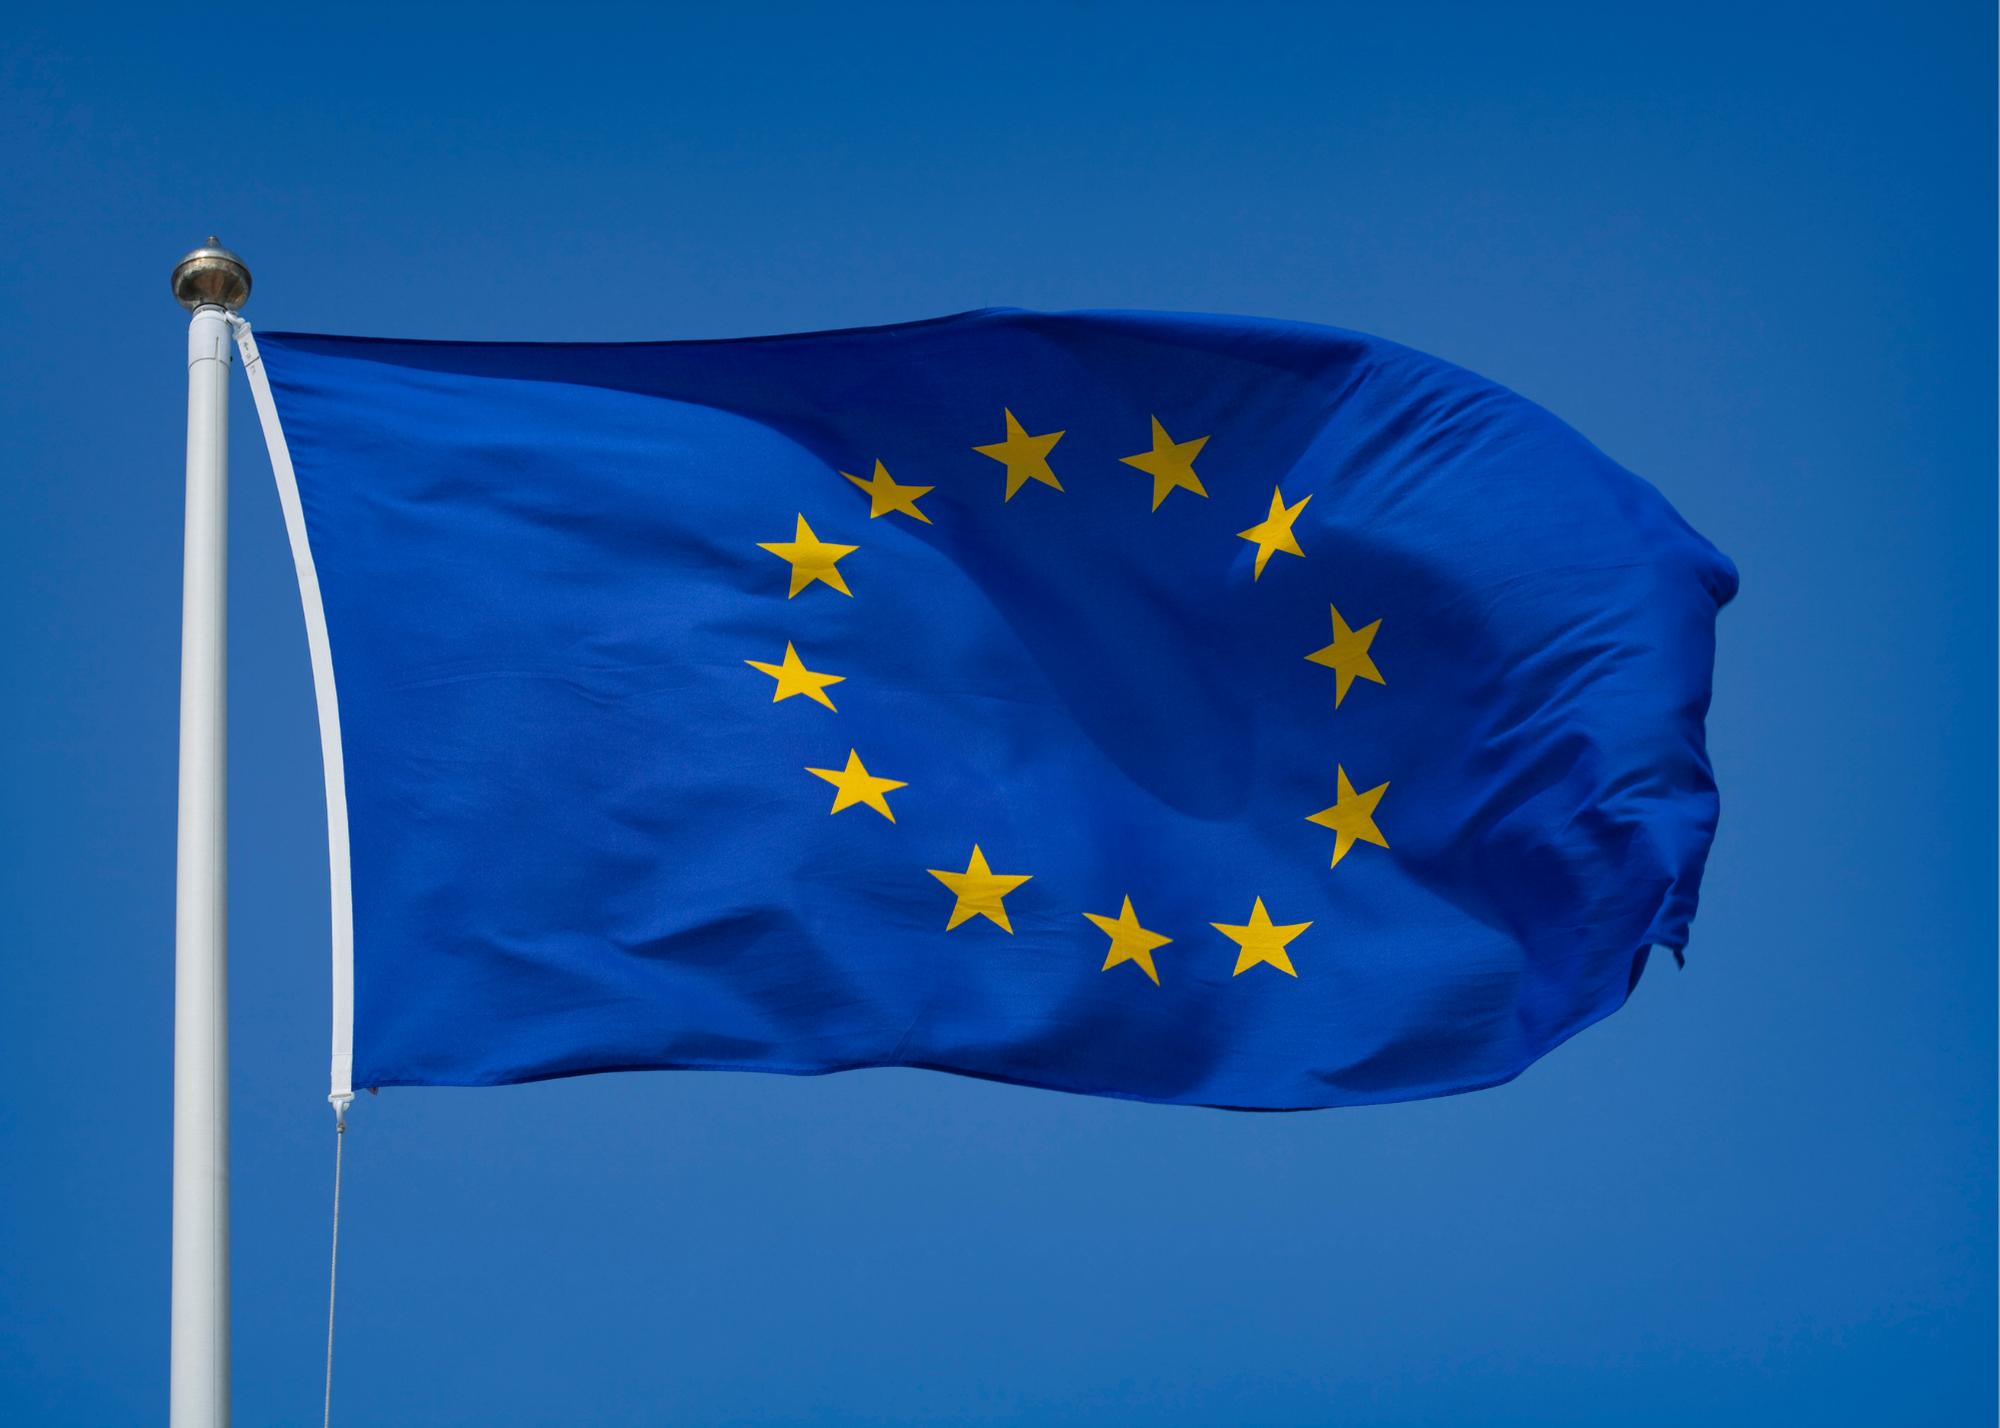 EU SFDR Regulations